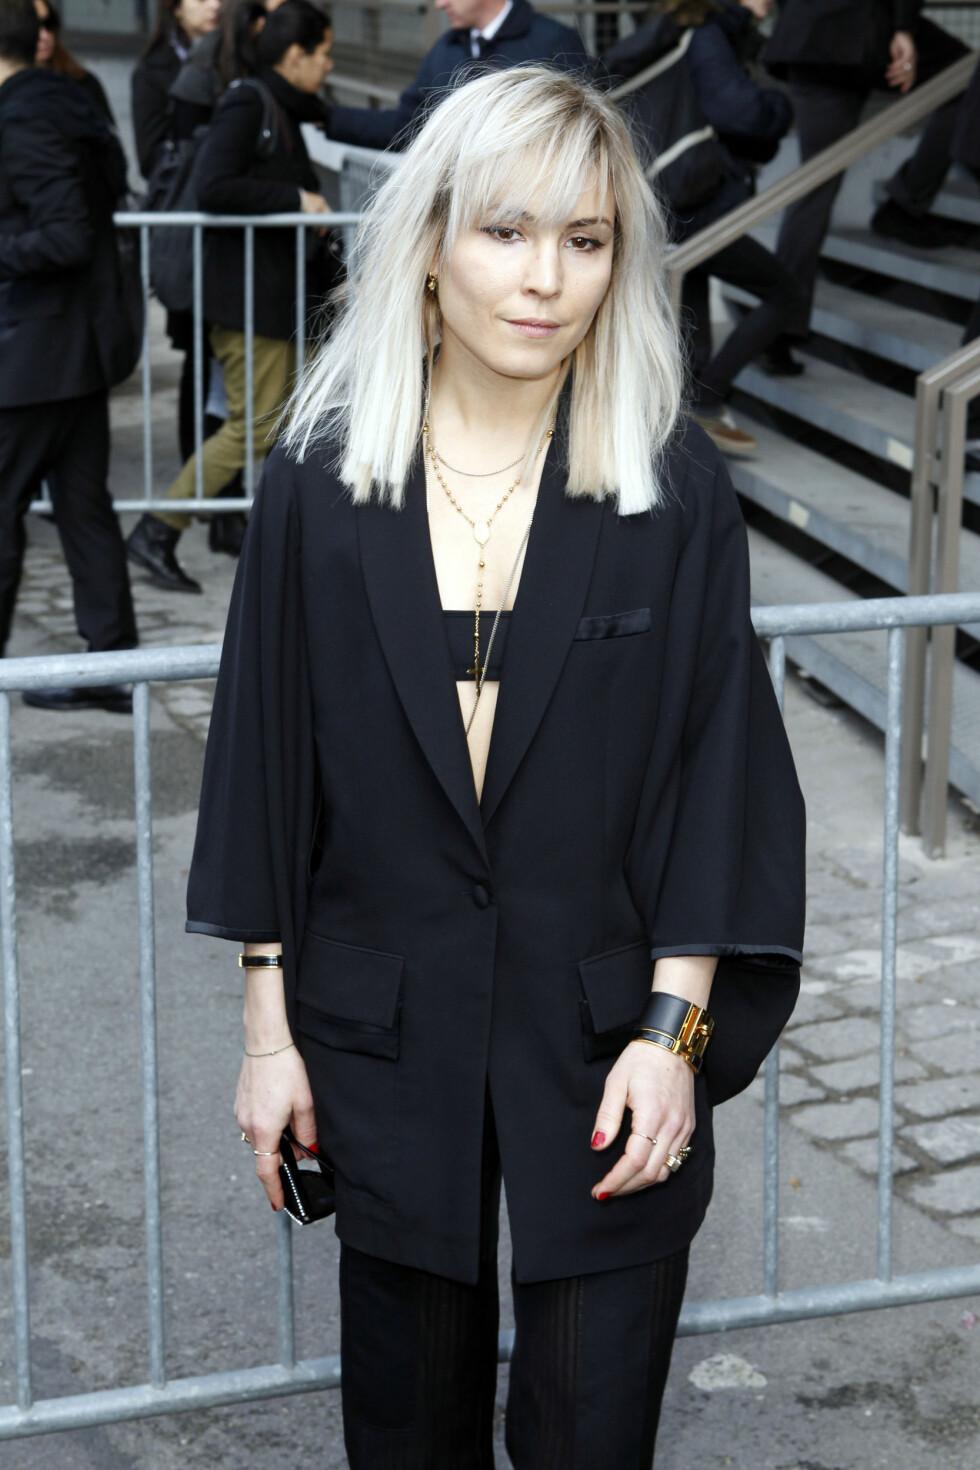 ASIATISK: Da Noomi ankom Givenchys herremoteshow i Paris i januar 2014, var «looken» hennes minimalistisk og asiatiskinspirert. Foto: FameFlynet